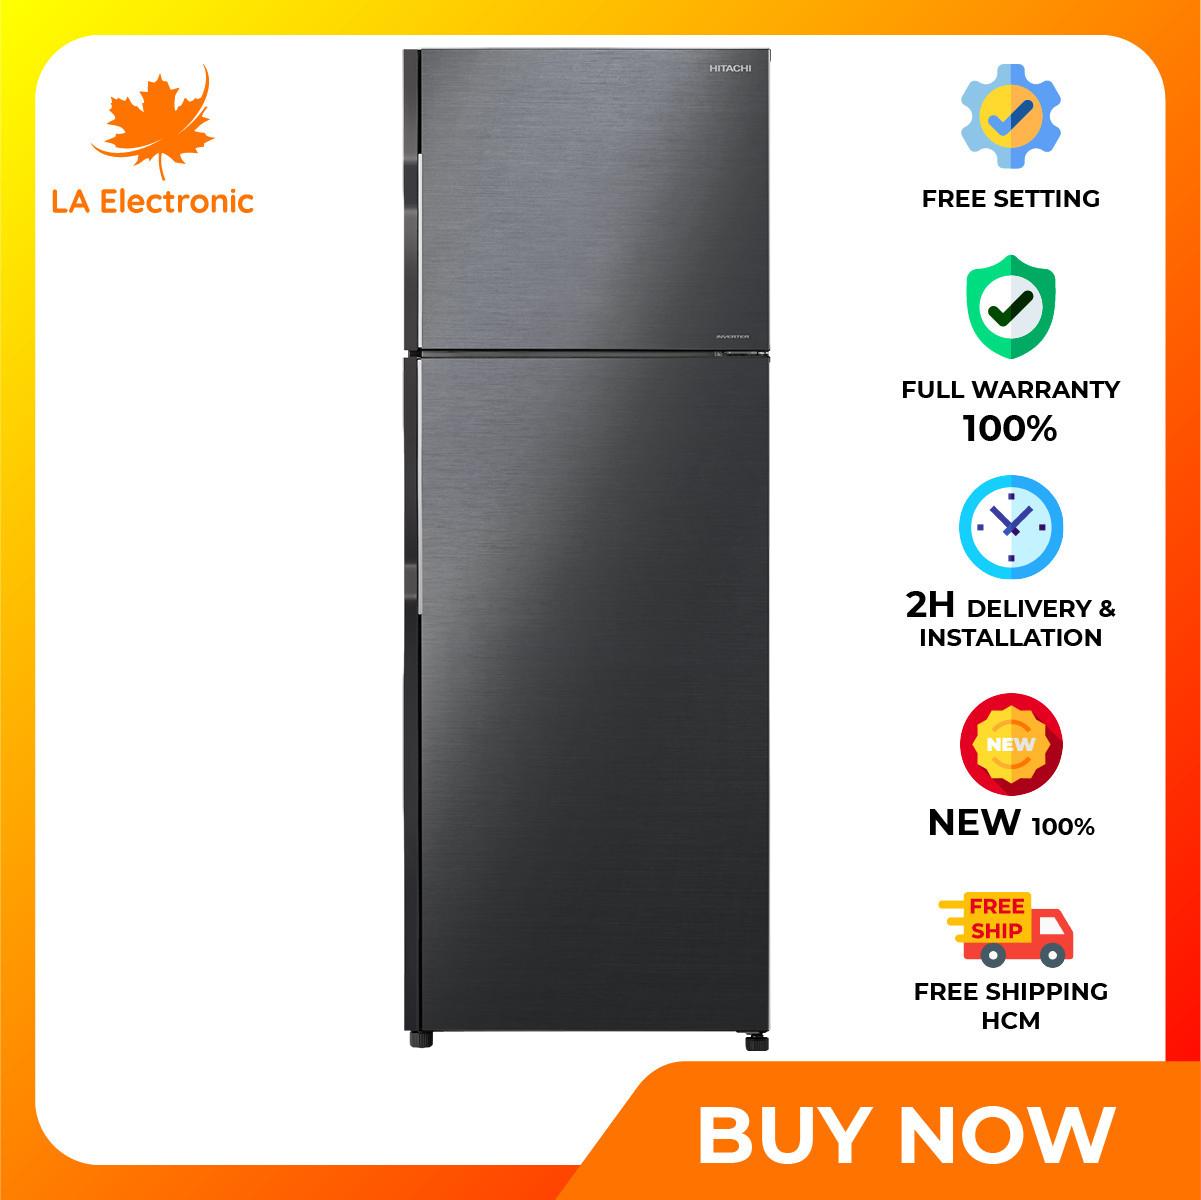 Trả Góp 0% – Tủ Lạnh Hitachi Inverter 260 lít R-H310PGV7 BBK – Miễn phí vận chuyển HCM